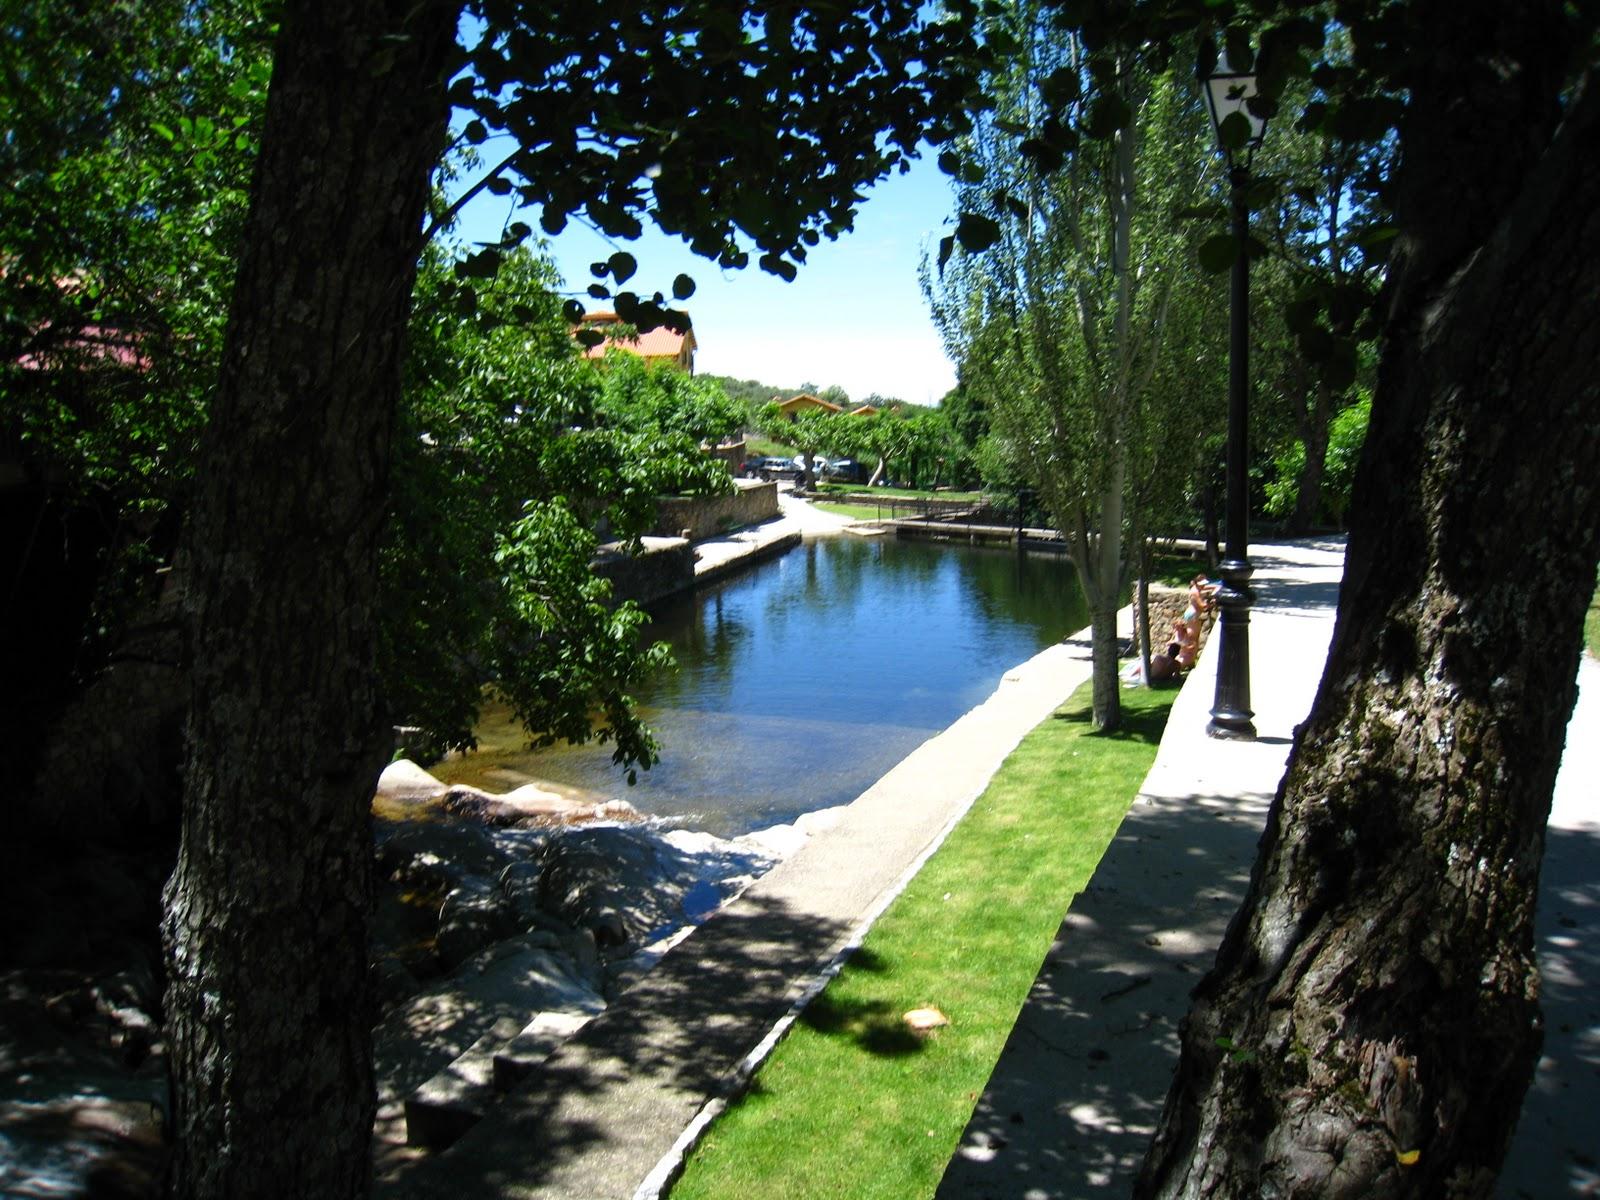 Piscinas naturales casas del monte valle del ambroz for Casas rurales cerca de piscinas naturales